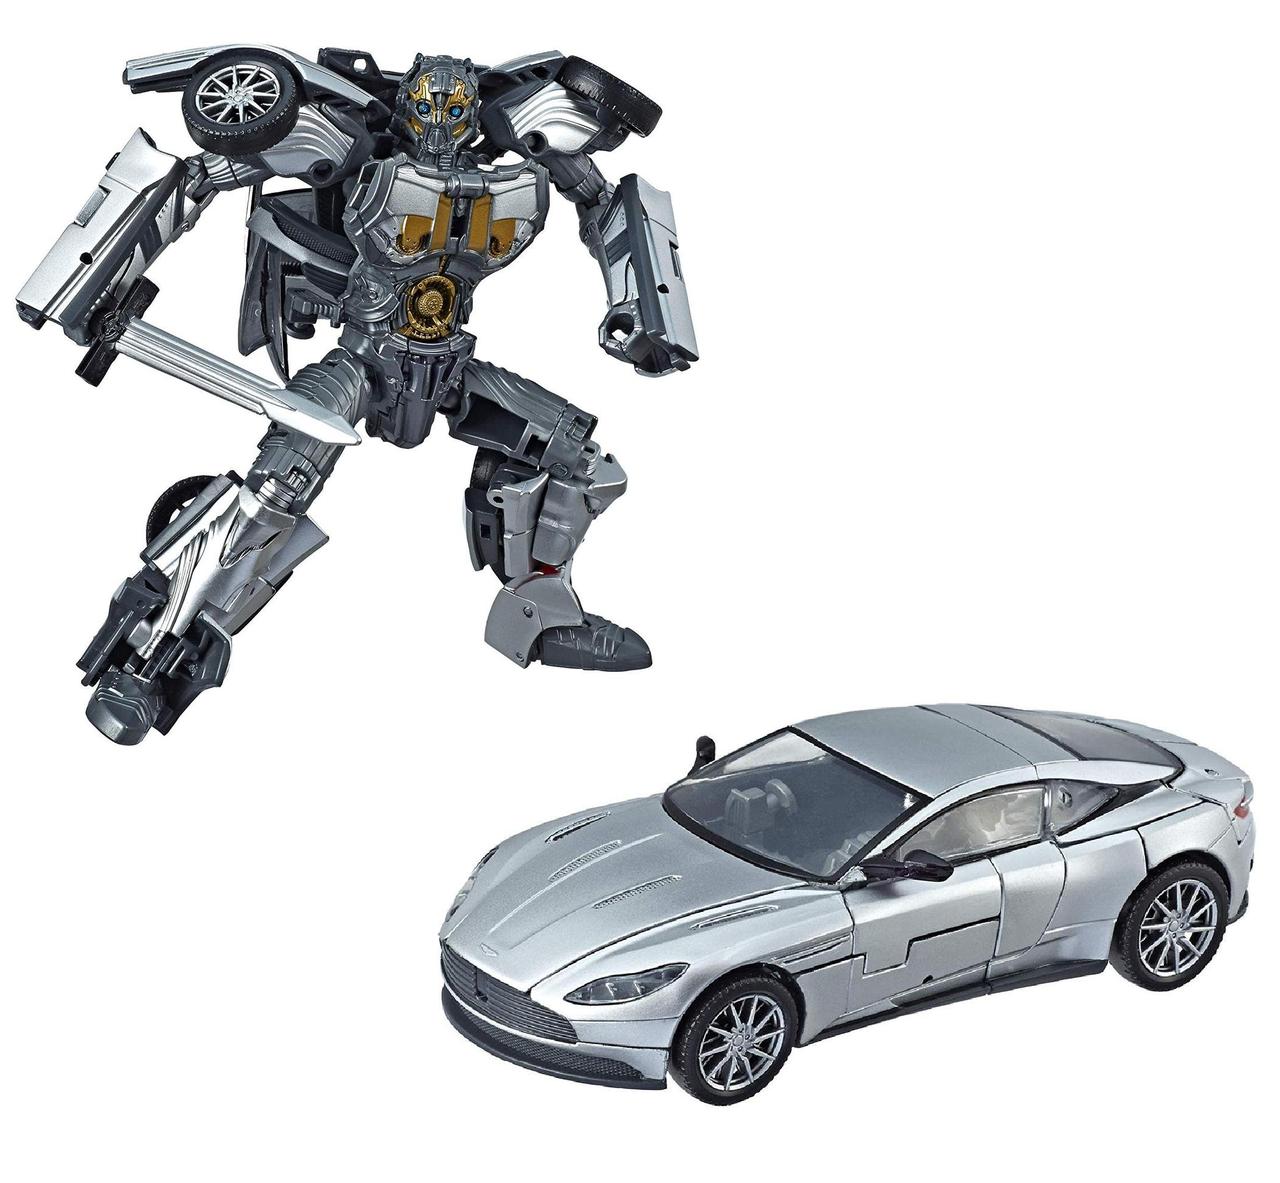 Робот-трансформер Hasbro Когман, Студийная серия - Cogman, Studio Series, Deluxe Class